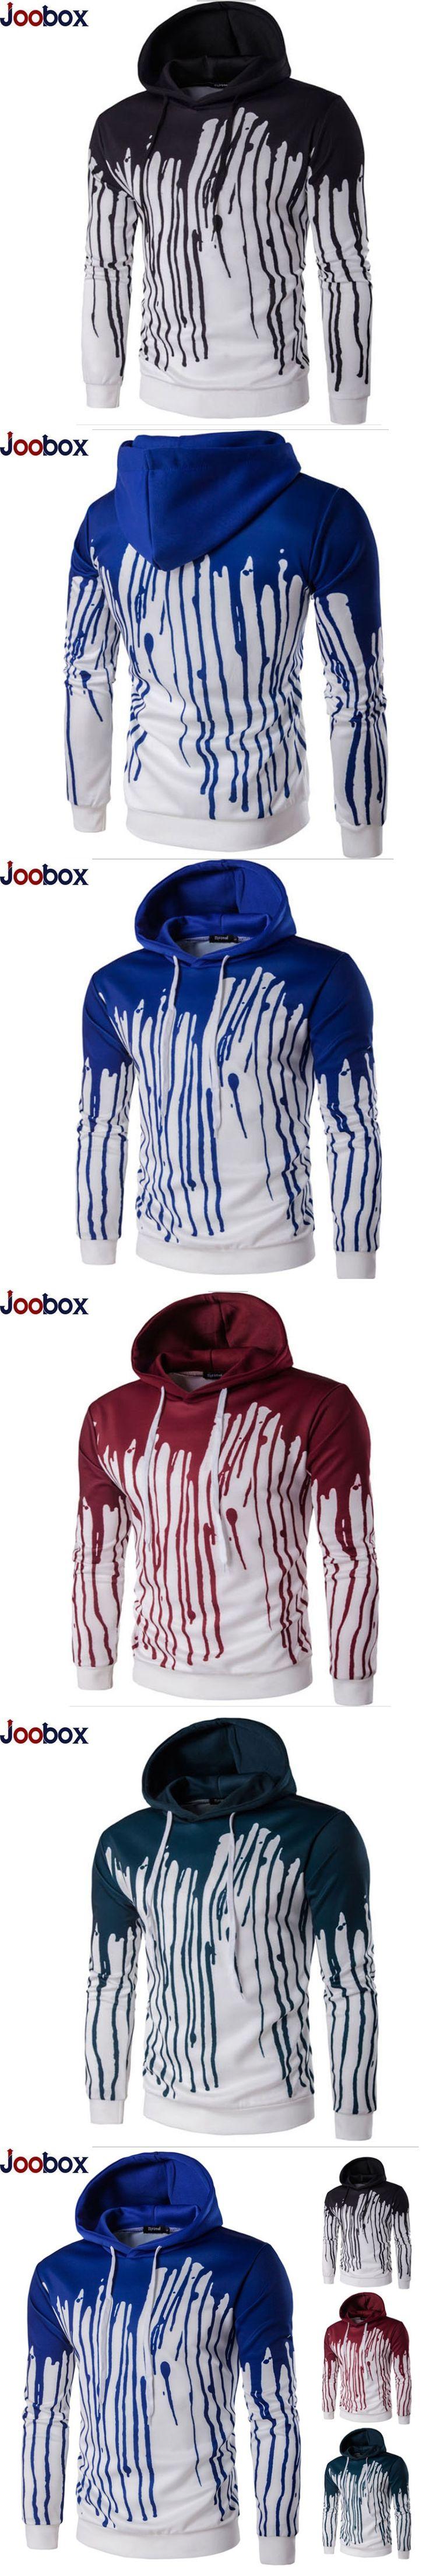 New 2017 Fashion 3D Ink Splash Paint Printing Hoodies Sweatshirts Mens Cotton Zipper Hooded Cardigan Casual Slim Hood Hoodie men